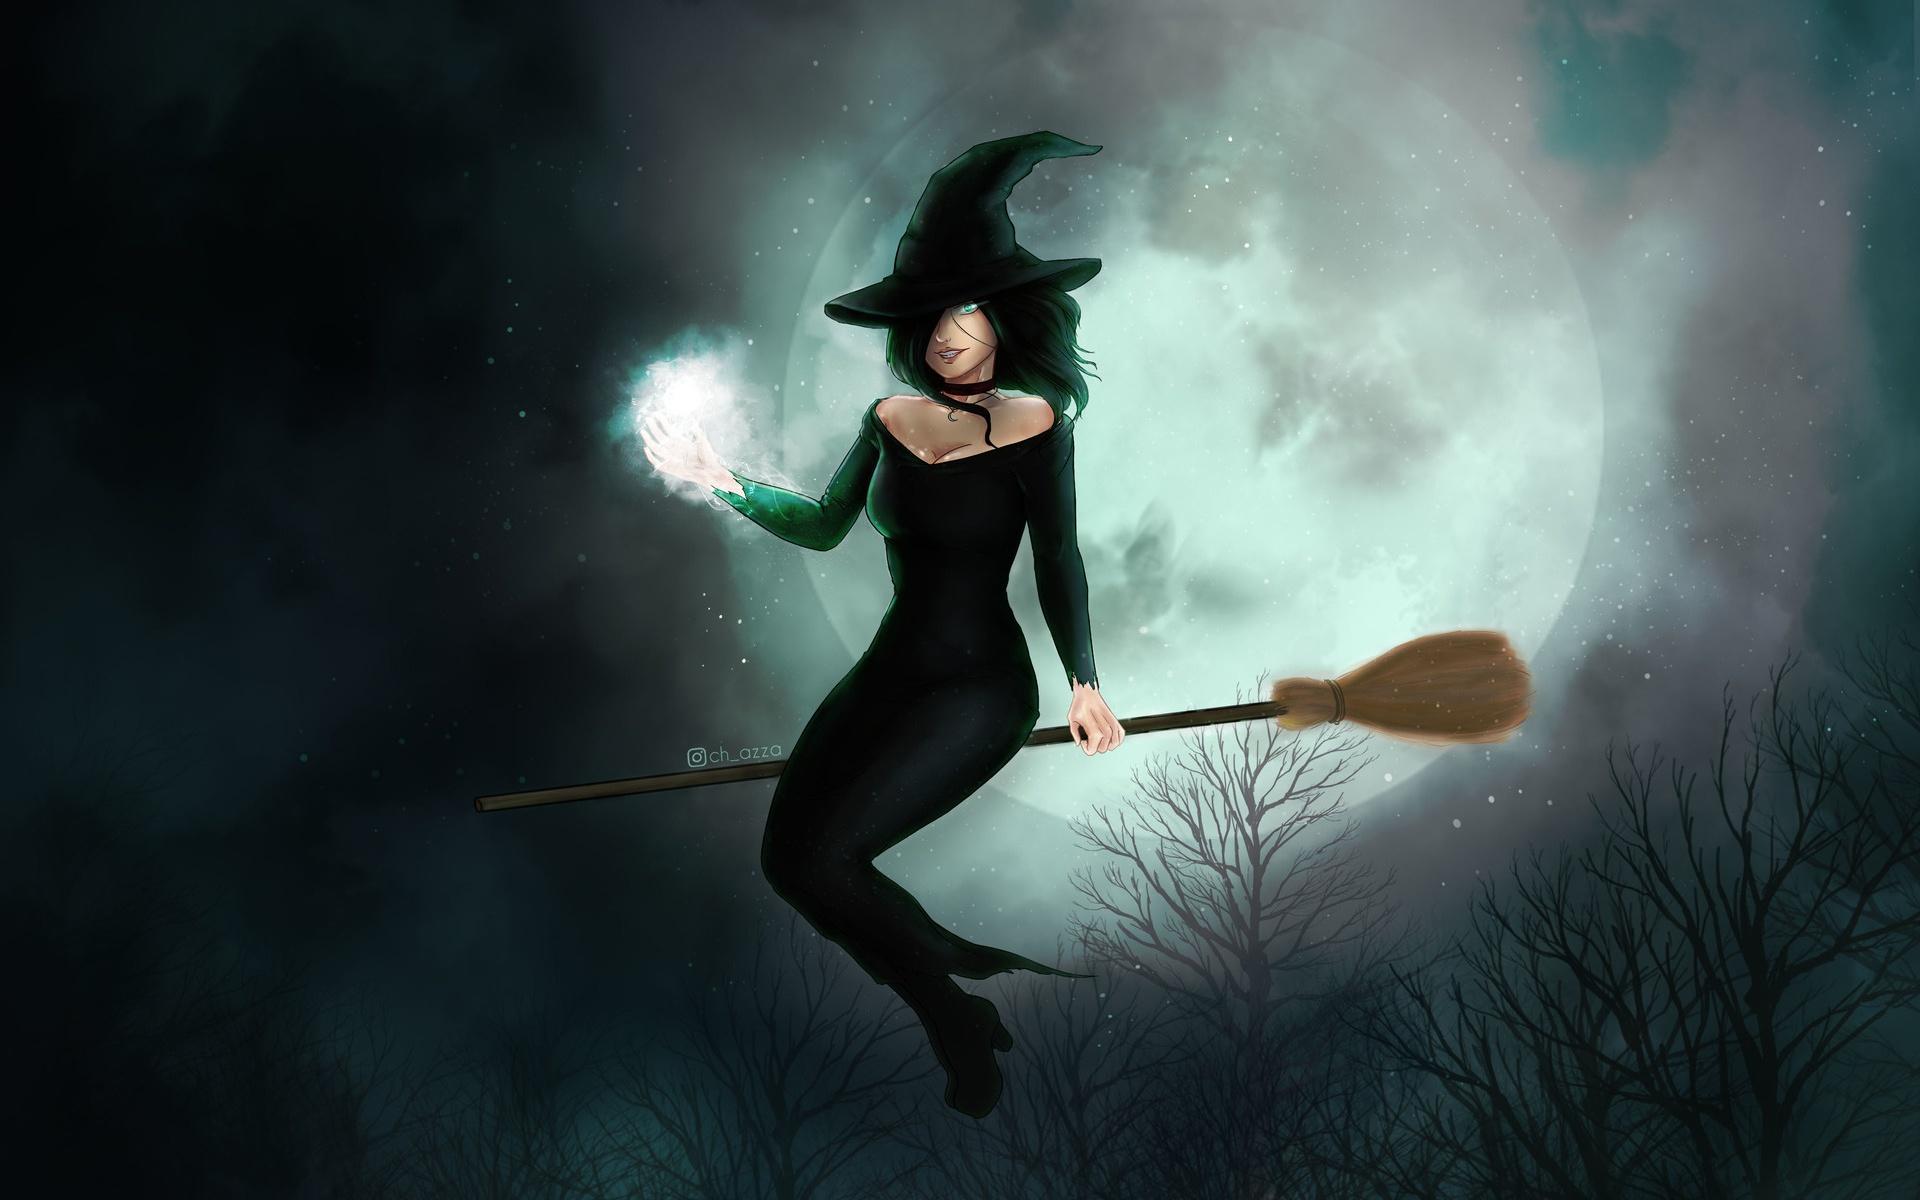 бриллиант смотреть классные картинки с ведьмами пользователи твиттера устроили